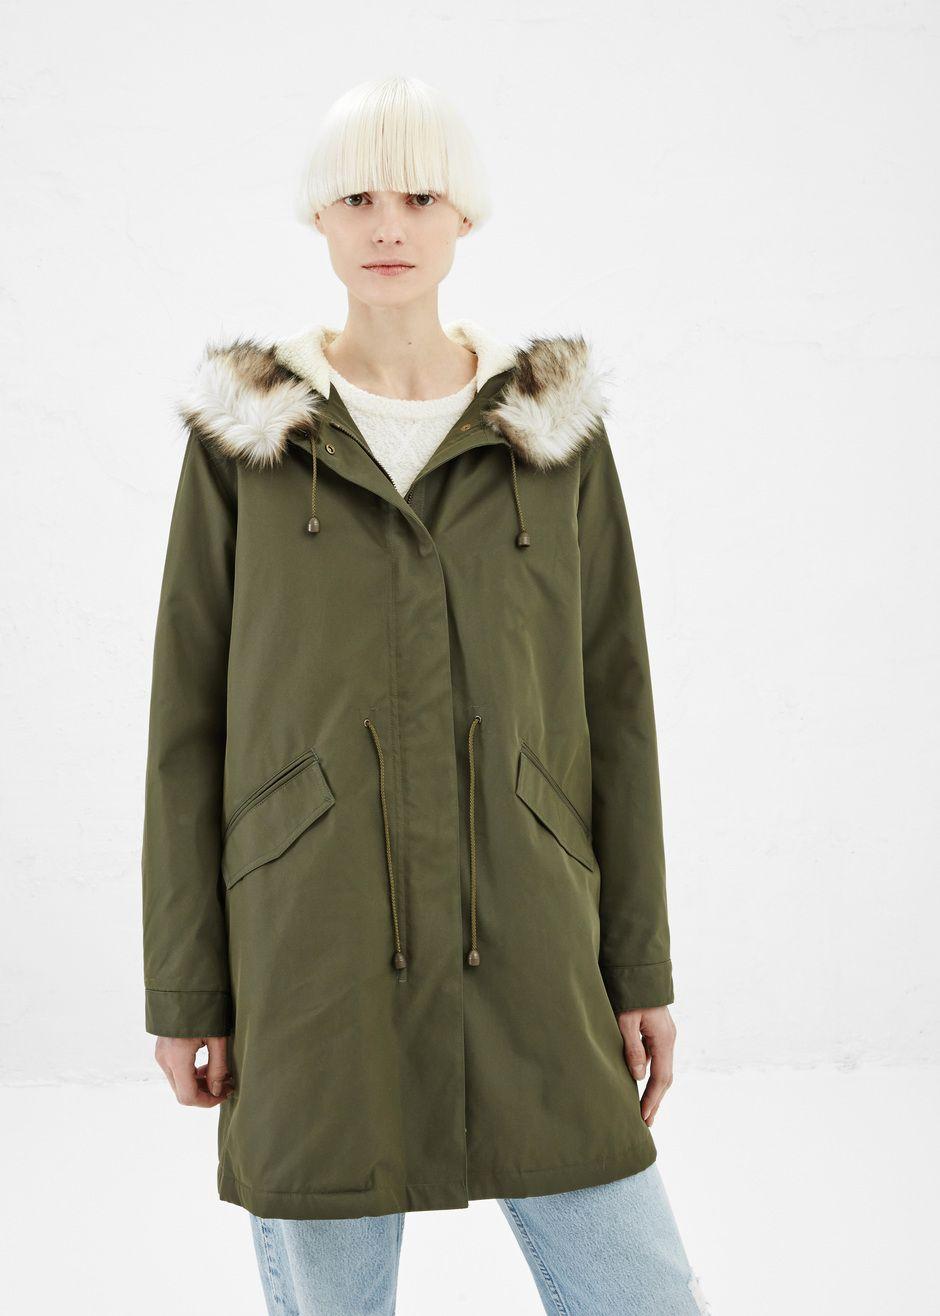 A.P.C. New Mod Parka (Khaki Green) | $$$TUFF | Pinterest | Khakis ...